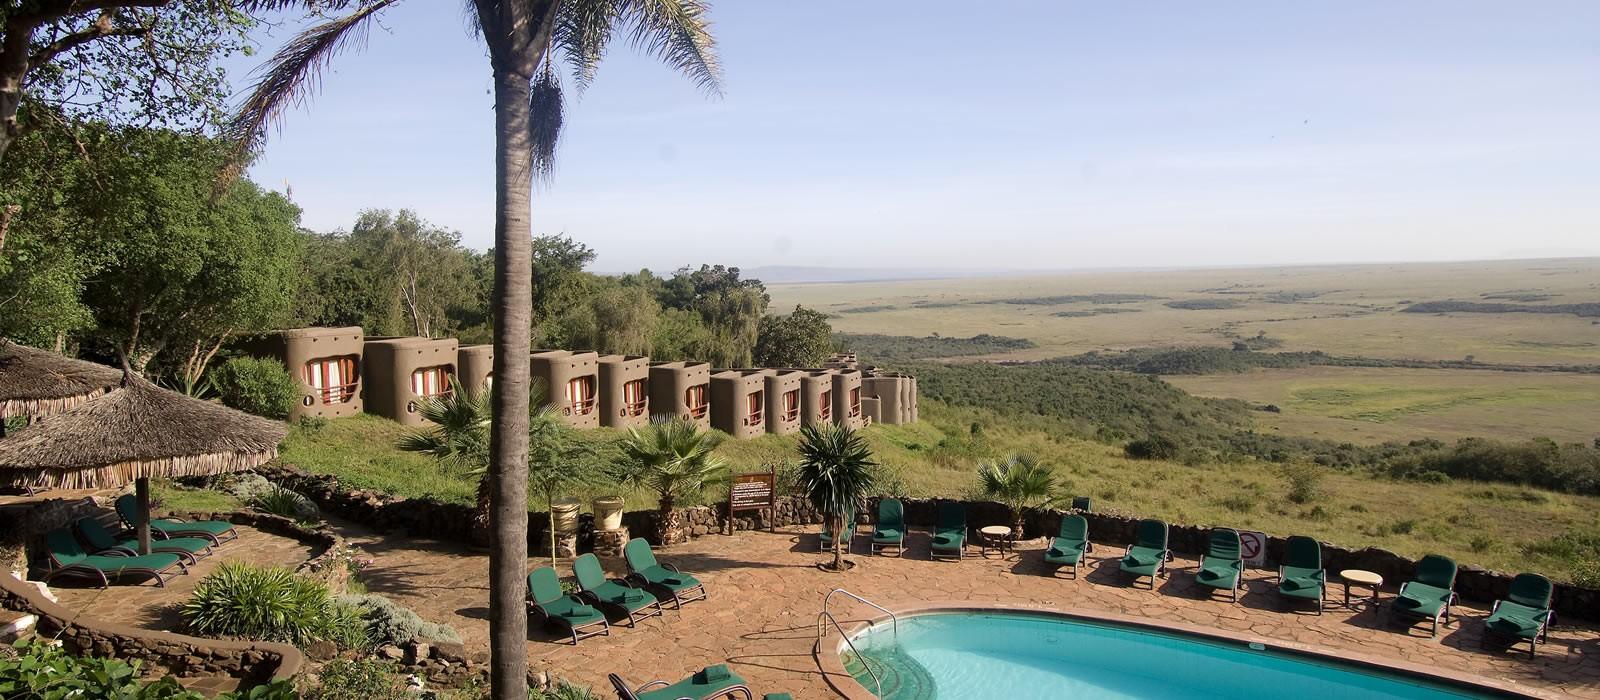 Mara-Serena-Lodge-Kenya-Safari-PD-1-header